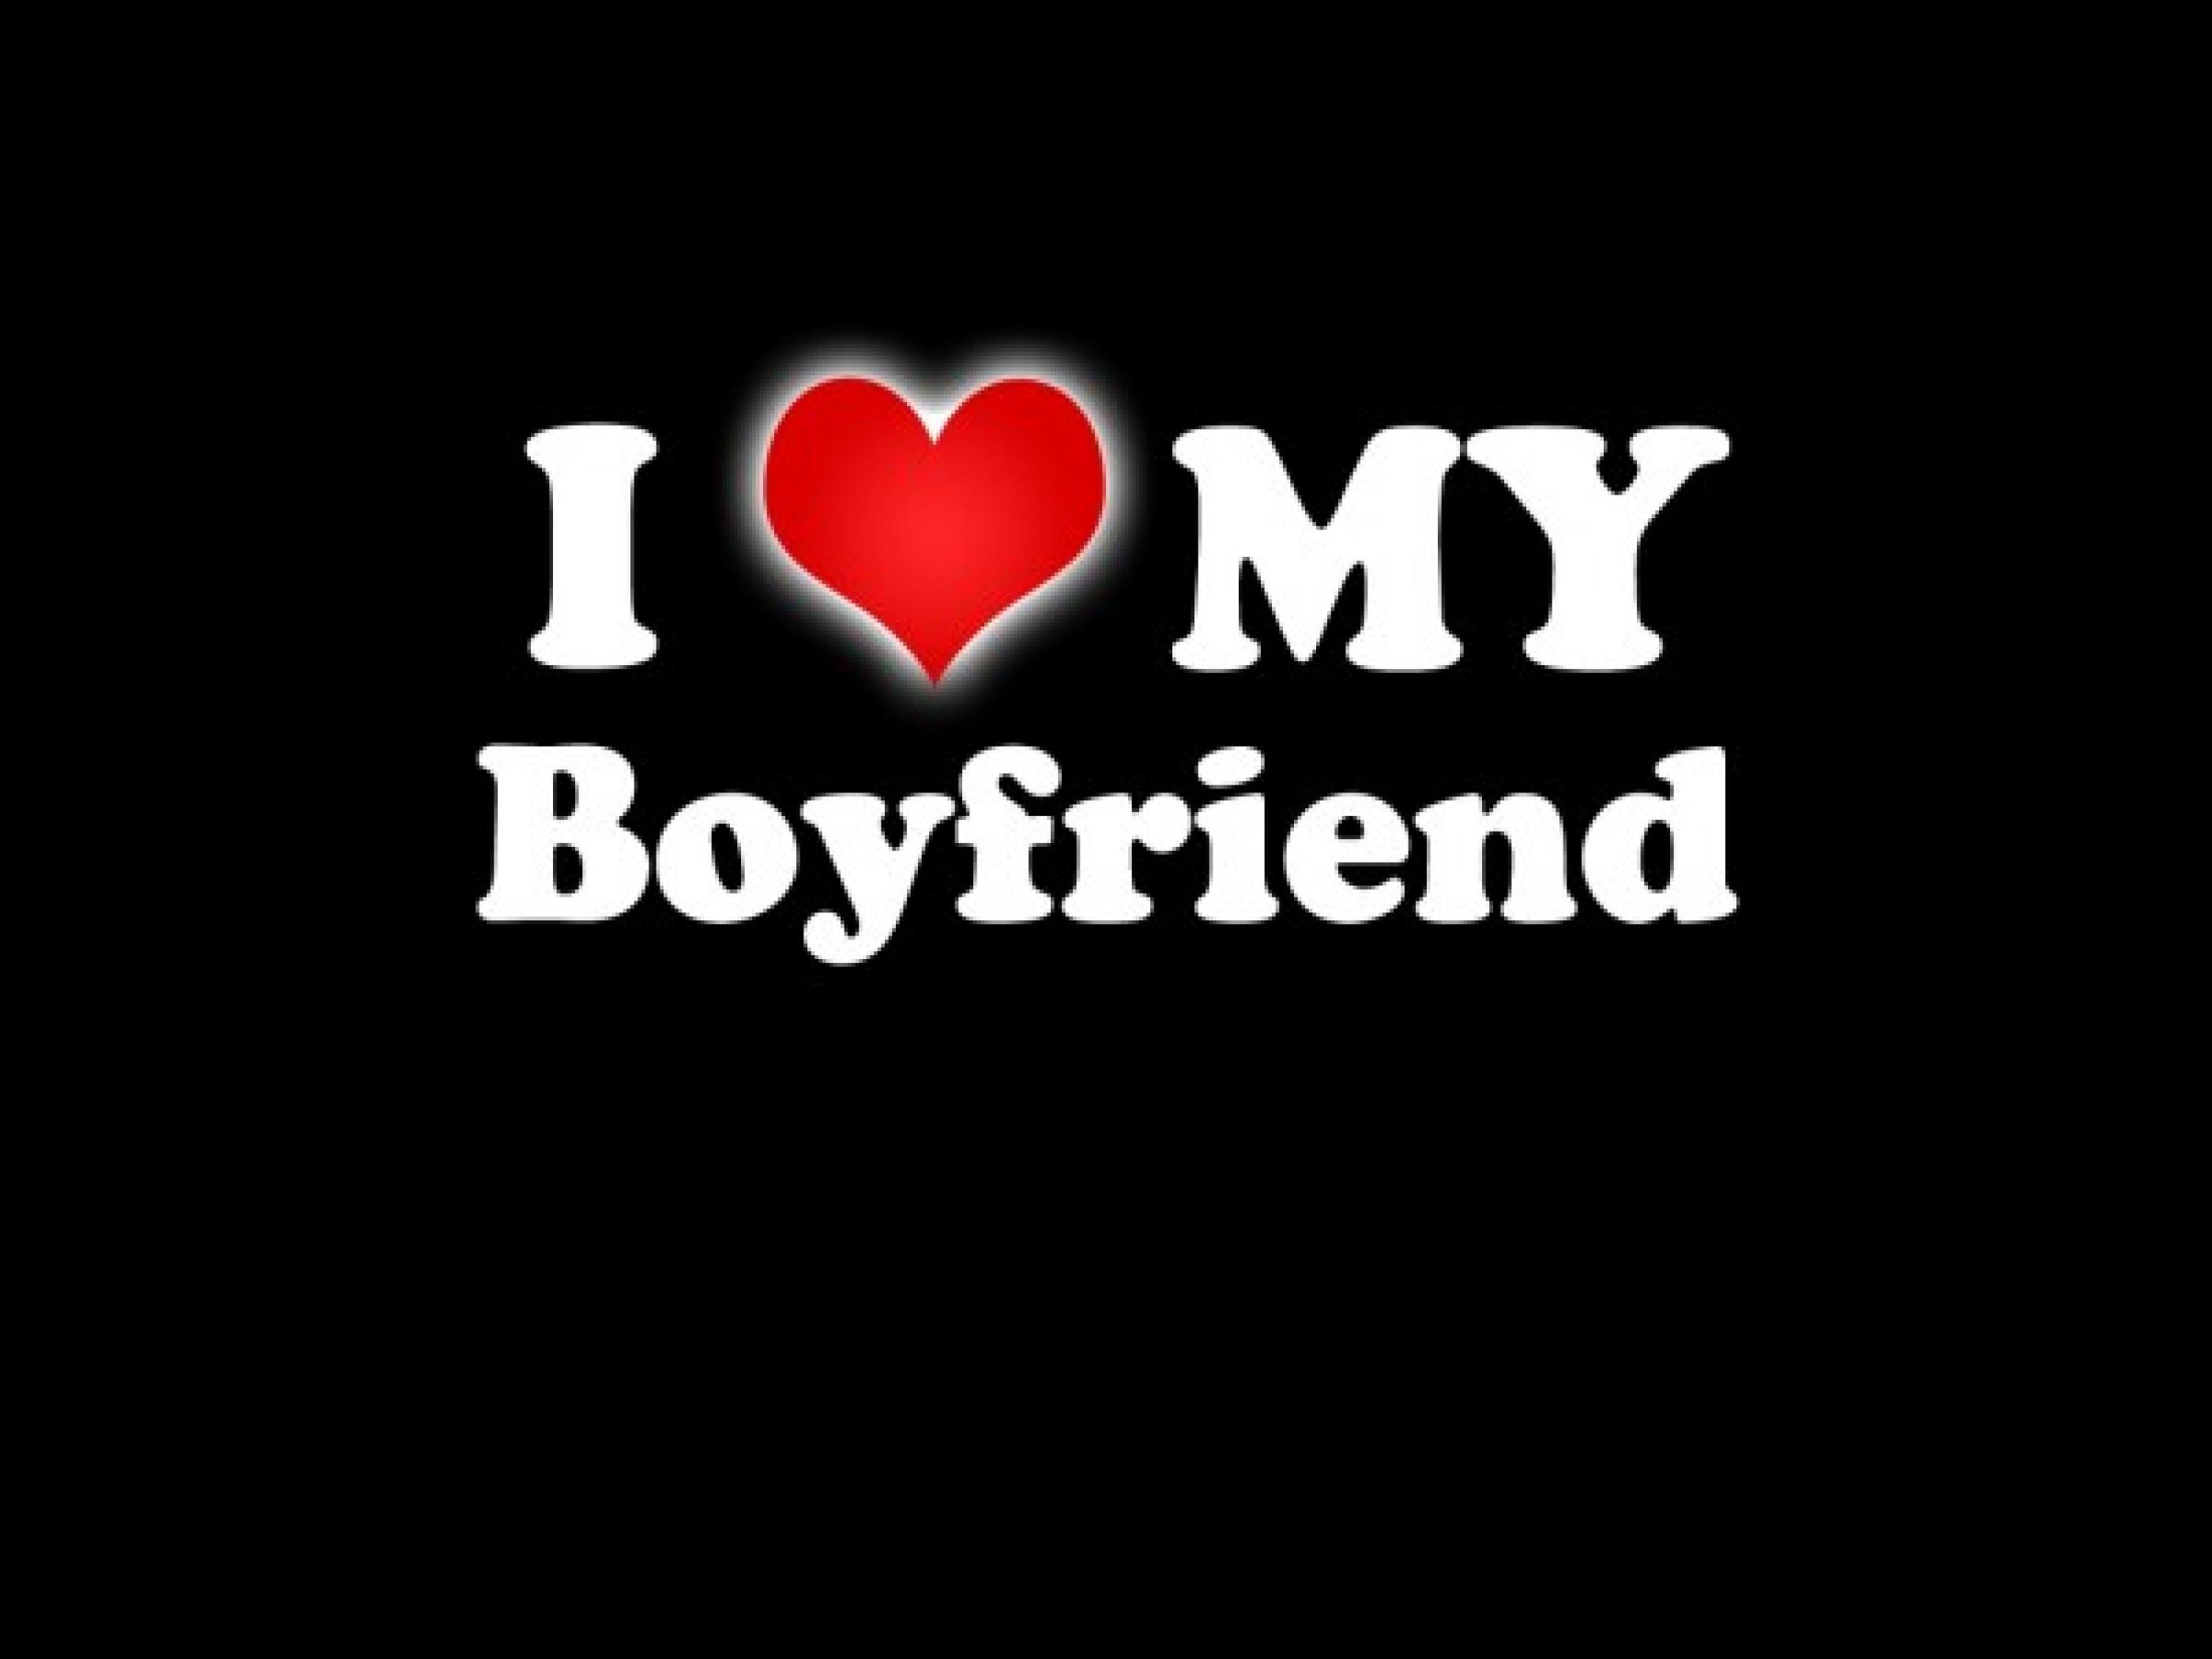 Boyfriend Wallpapers   Top Boyfriend Backgrounds 2800x2100